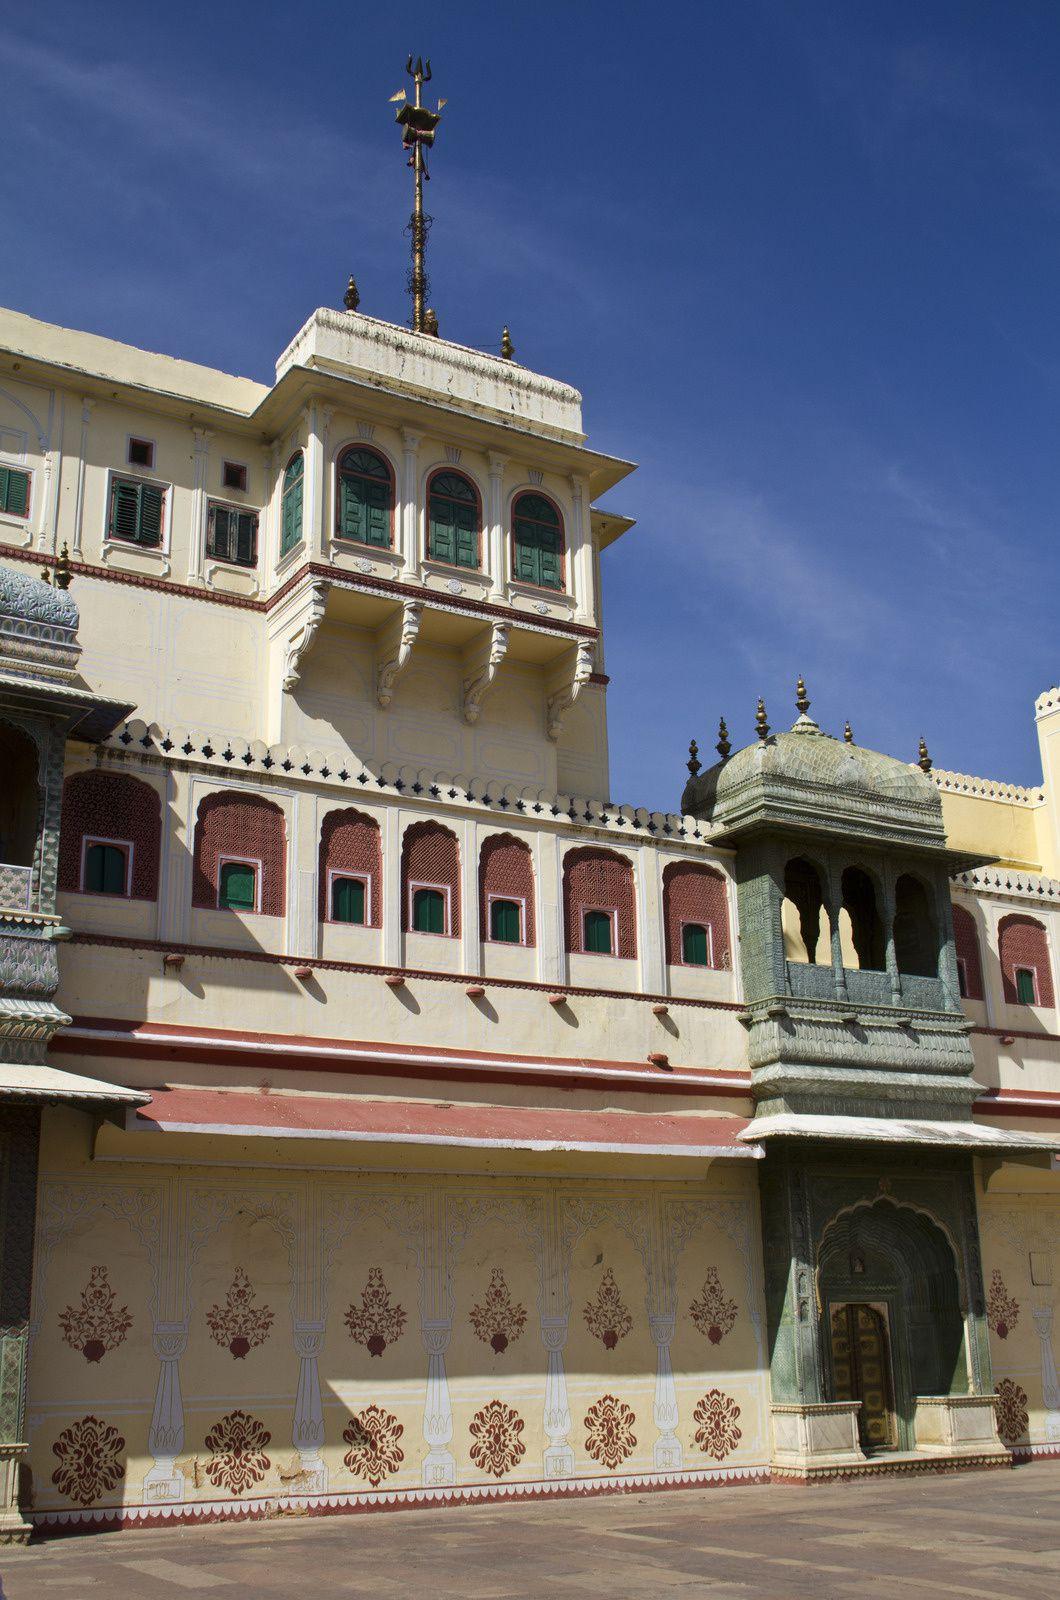 Le palais principal Chandra Mahal et la cour.